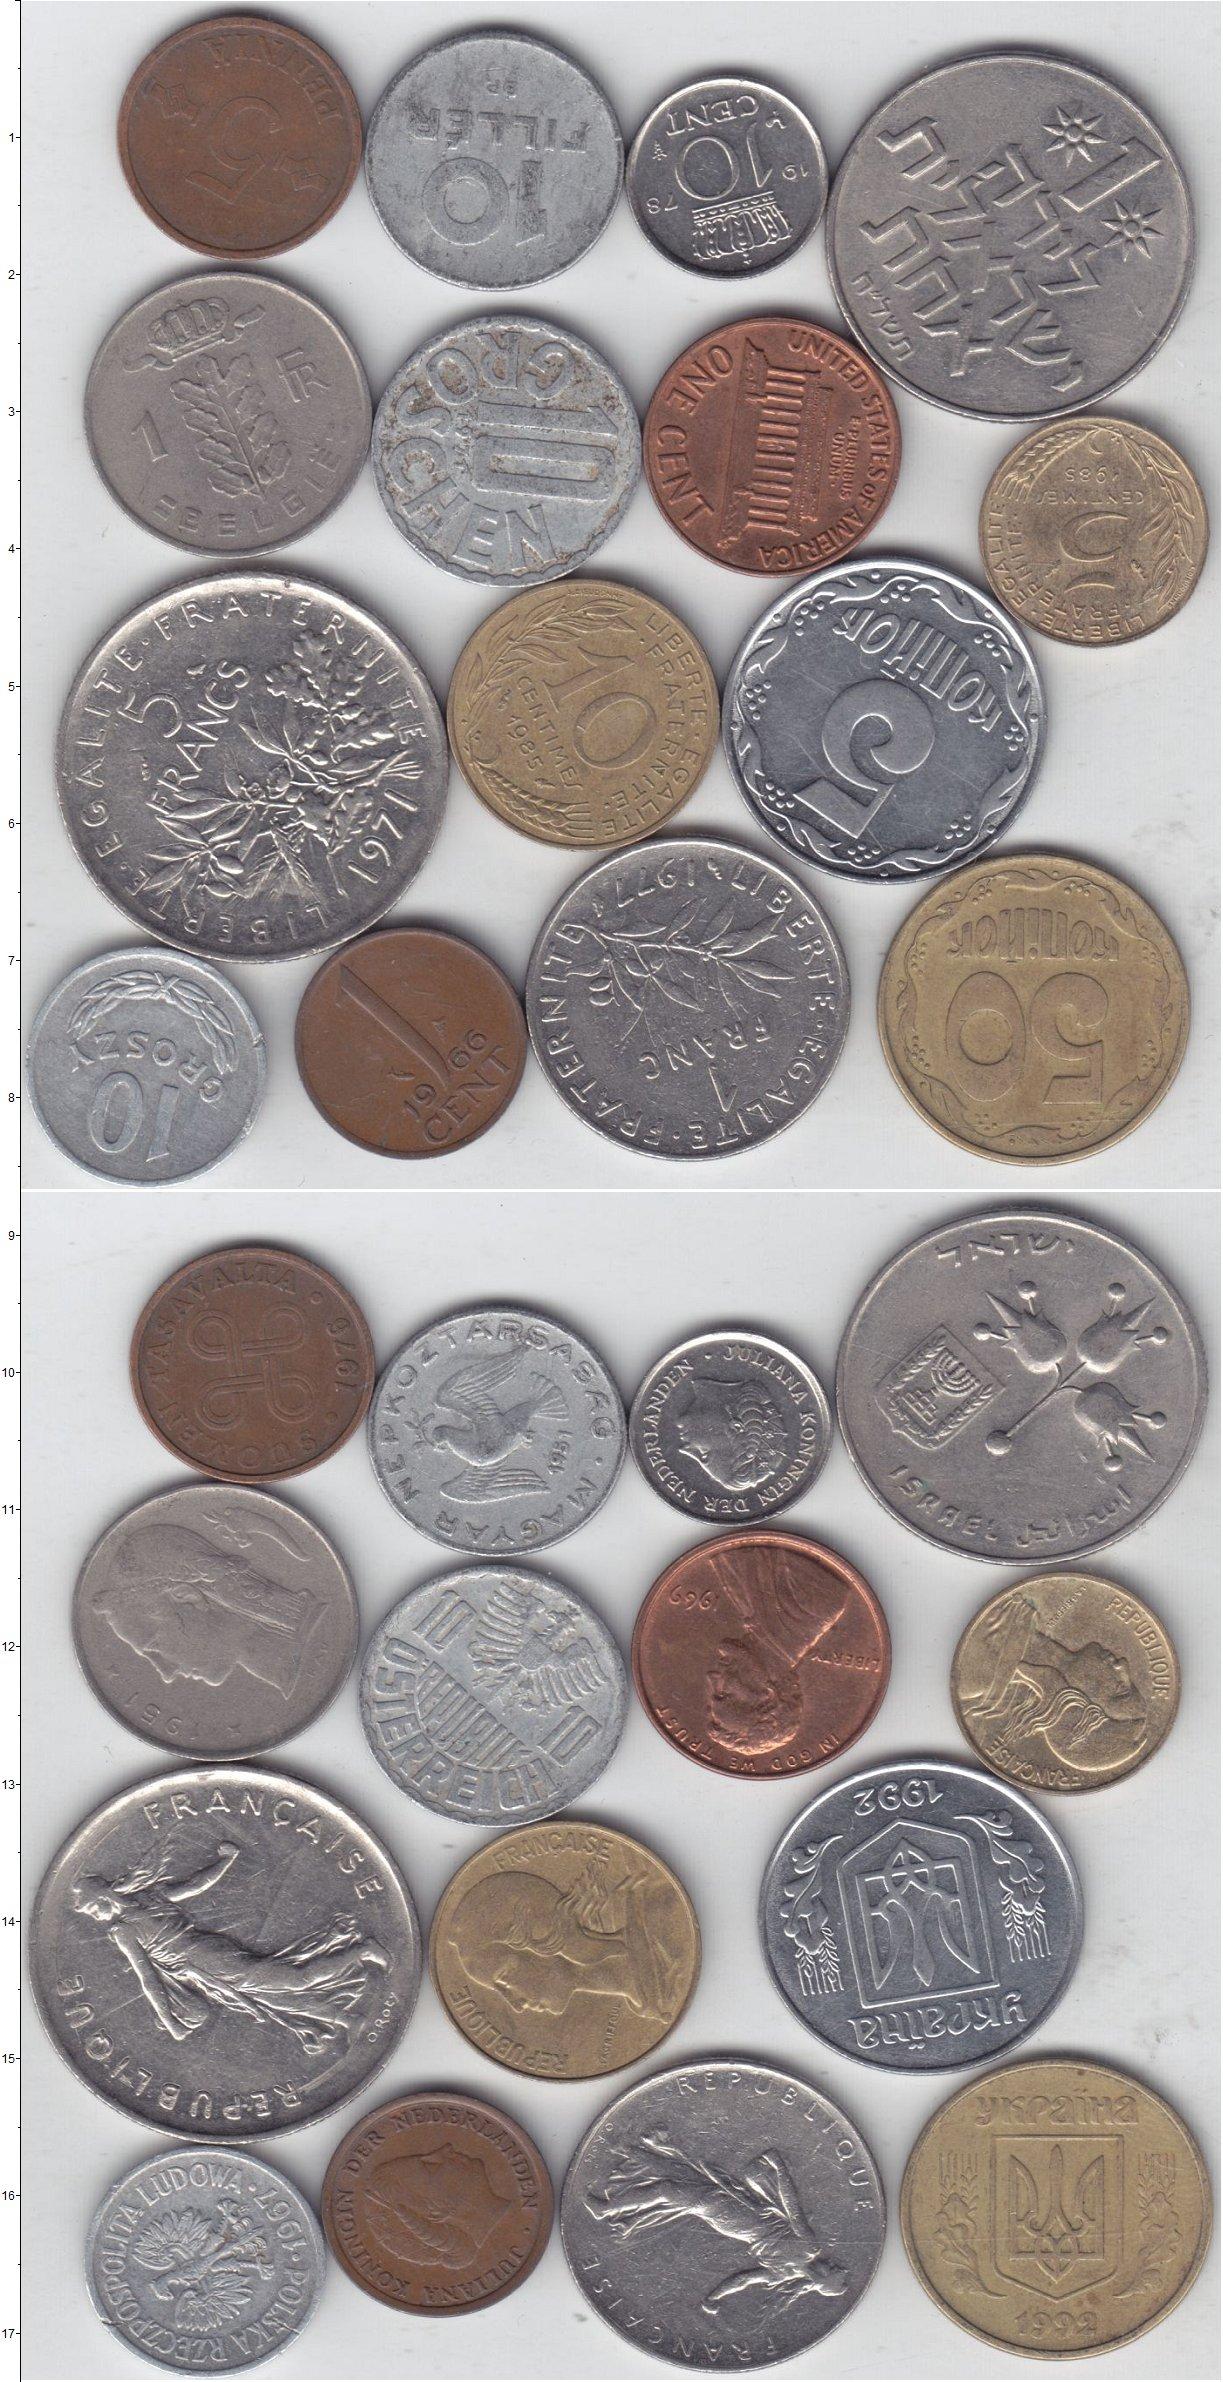 Картинка Лоты монет для начинающих нумизматов Монеты стран мира Лот №01274  0